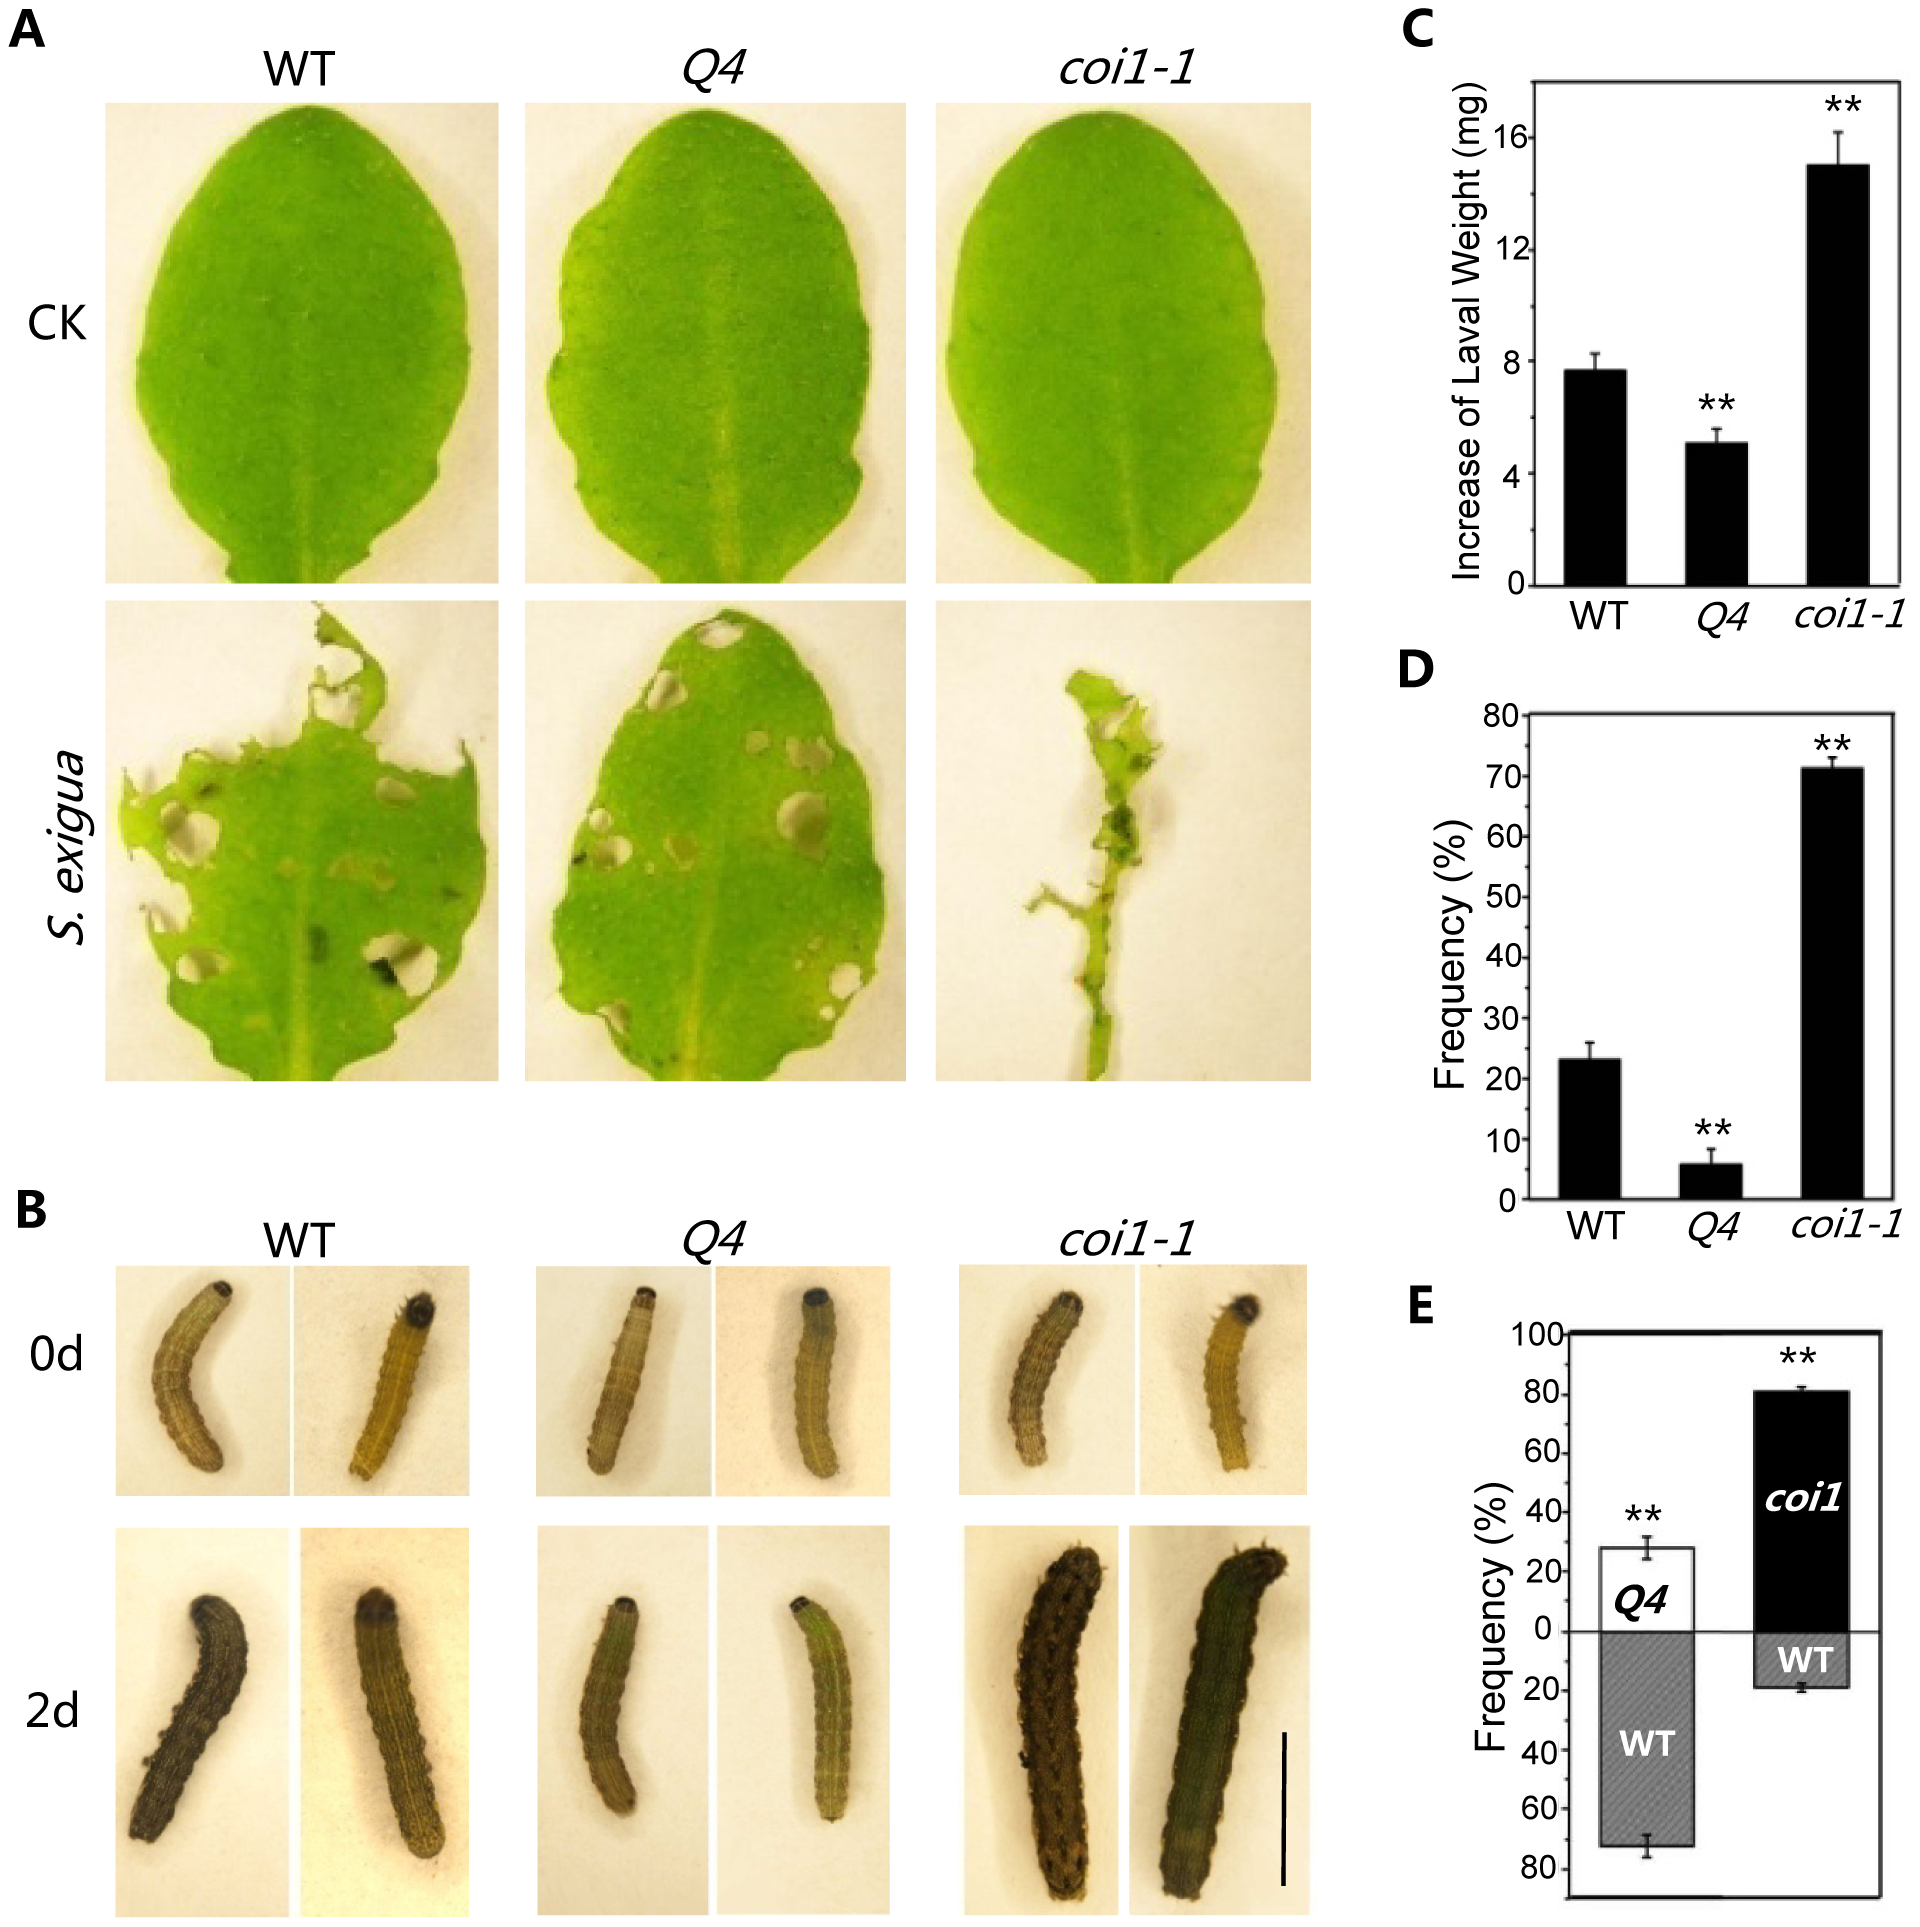 The <i>bhlh3 bhlh13 bhlh14 bhlh17</i> quadruple mutant exhibited enhanced JA-mediated plant defense against insect.